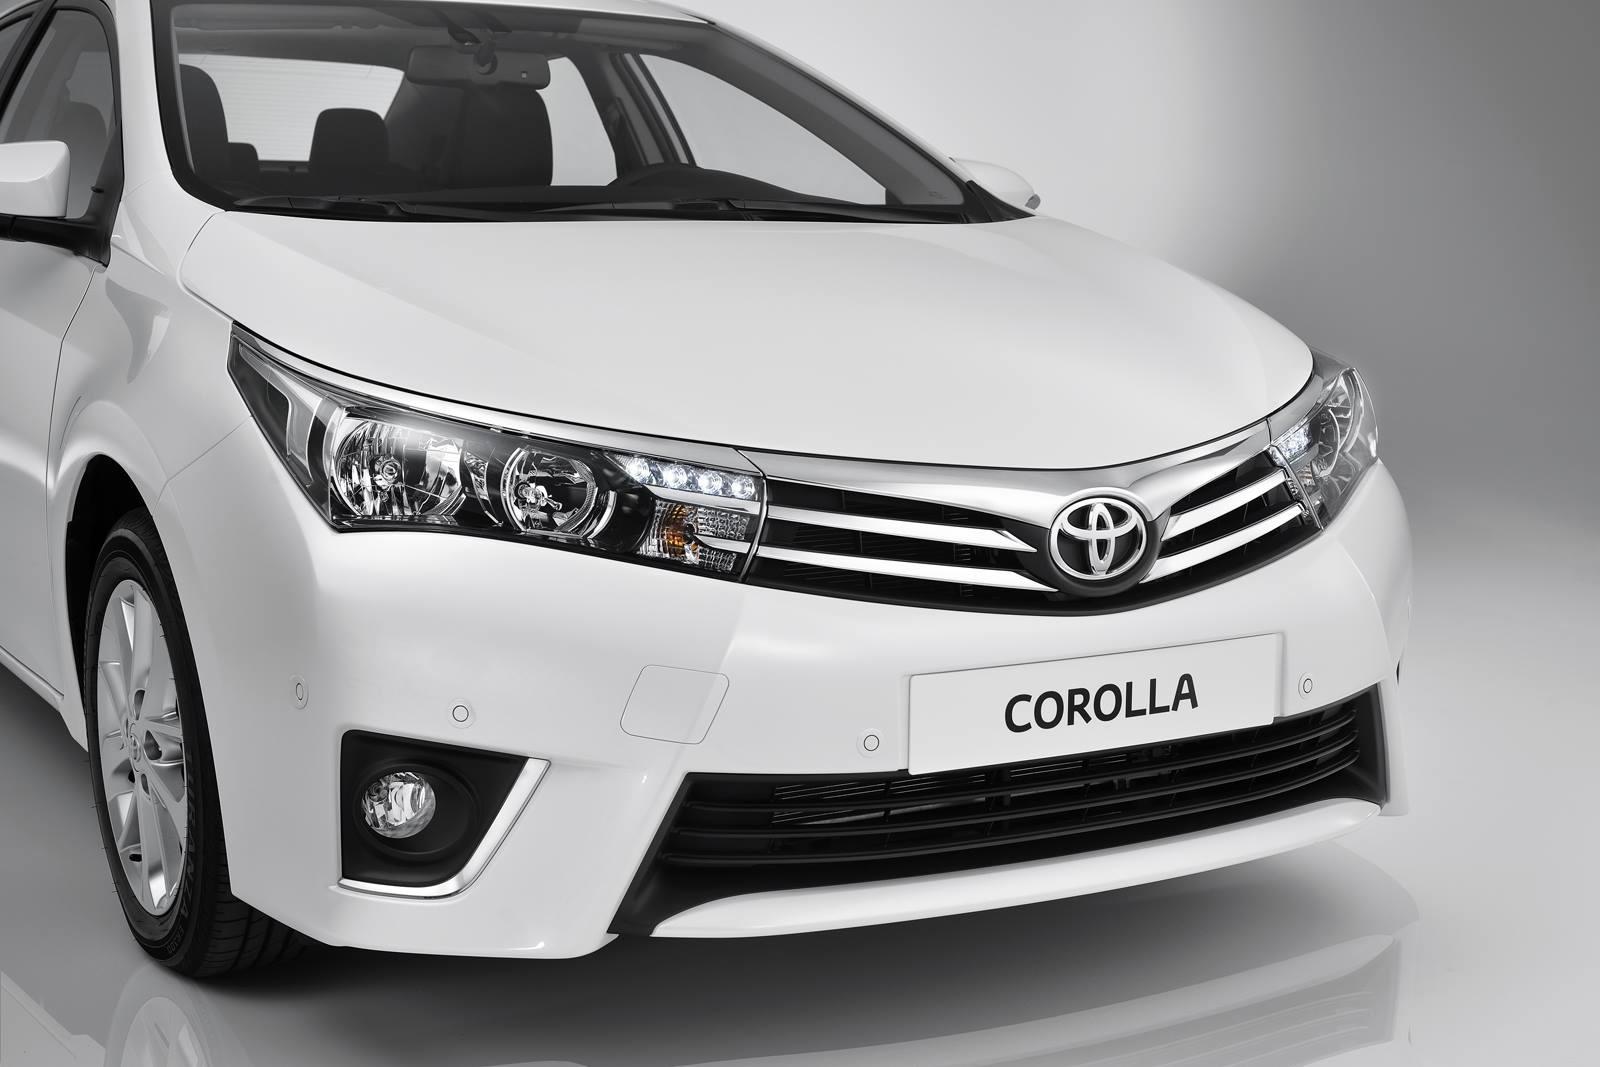 New Toyota Corolla 2014 in Pakistan